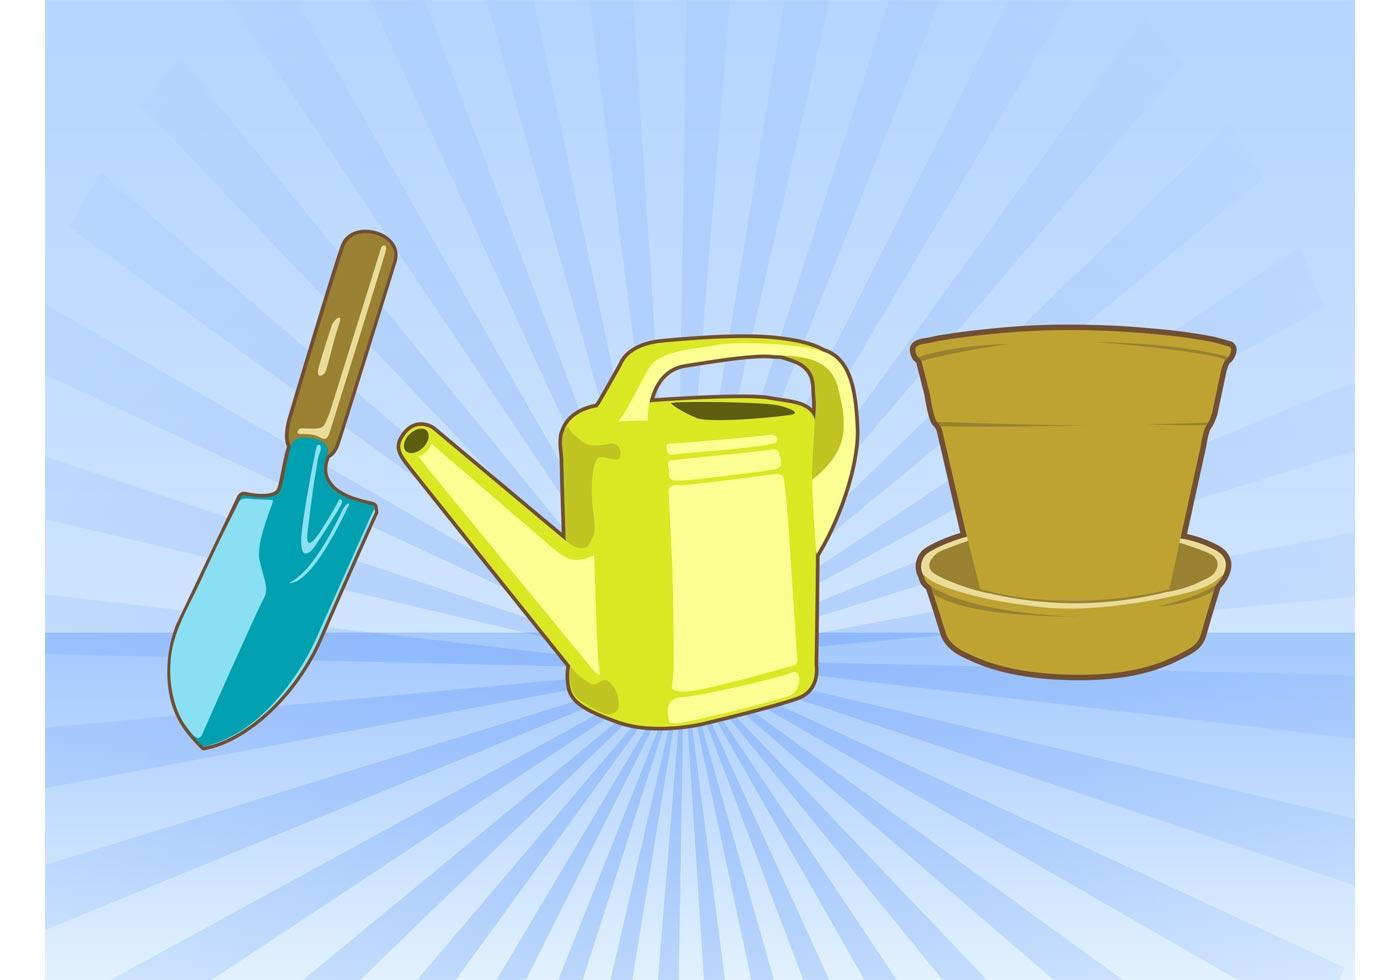 Garden Tool Free Vector Art - (4689 Free Downloads)